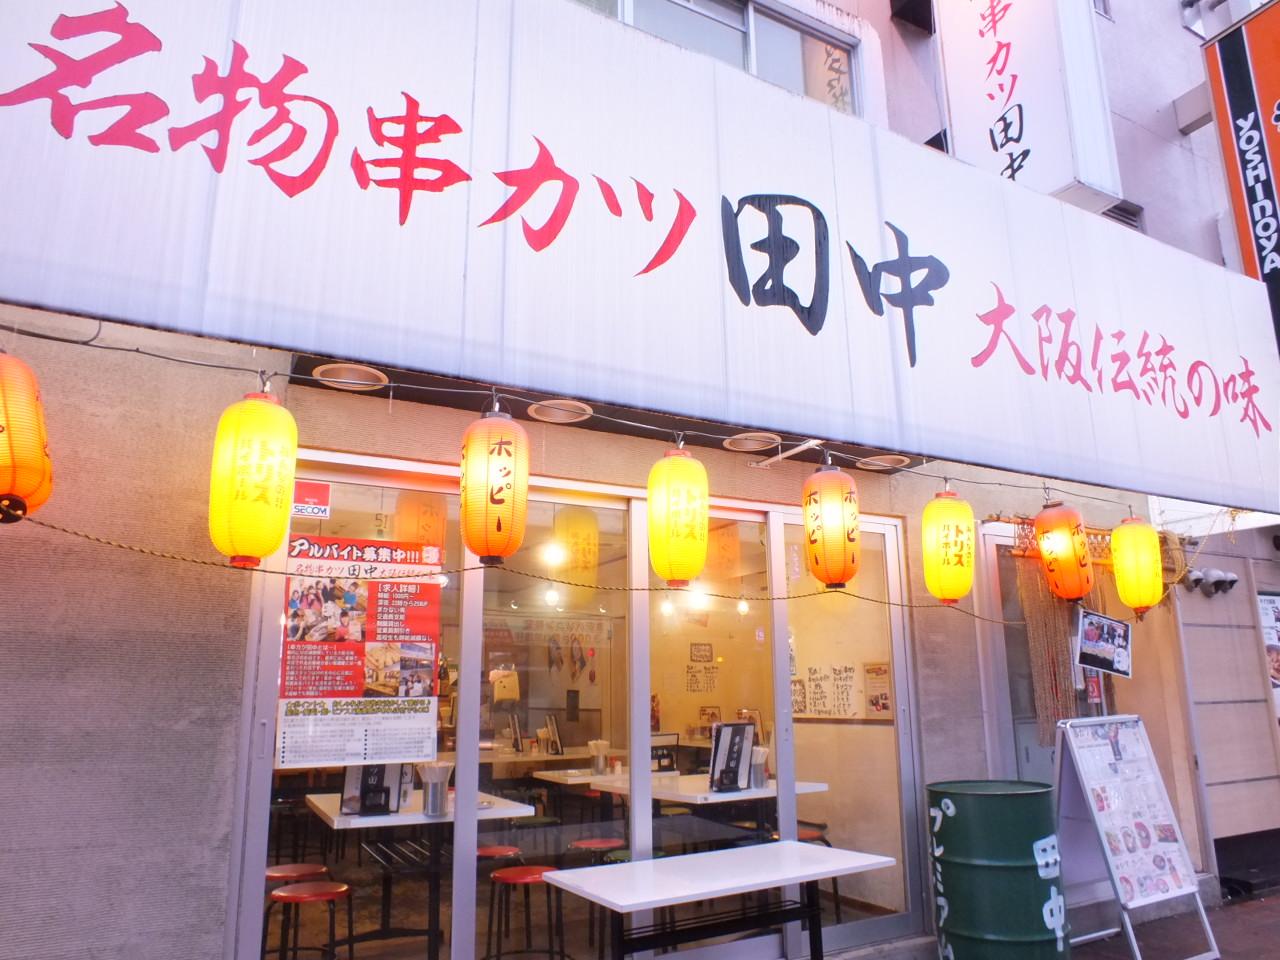 新宿_串カツ田中 新宿三丁目店_写真2